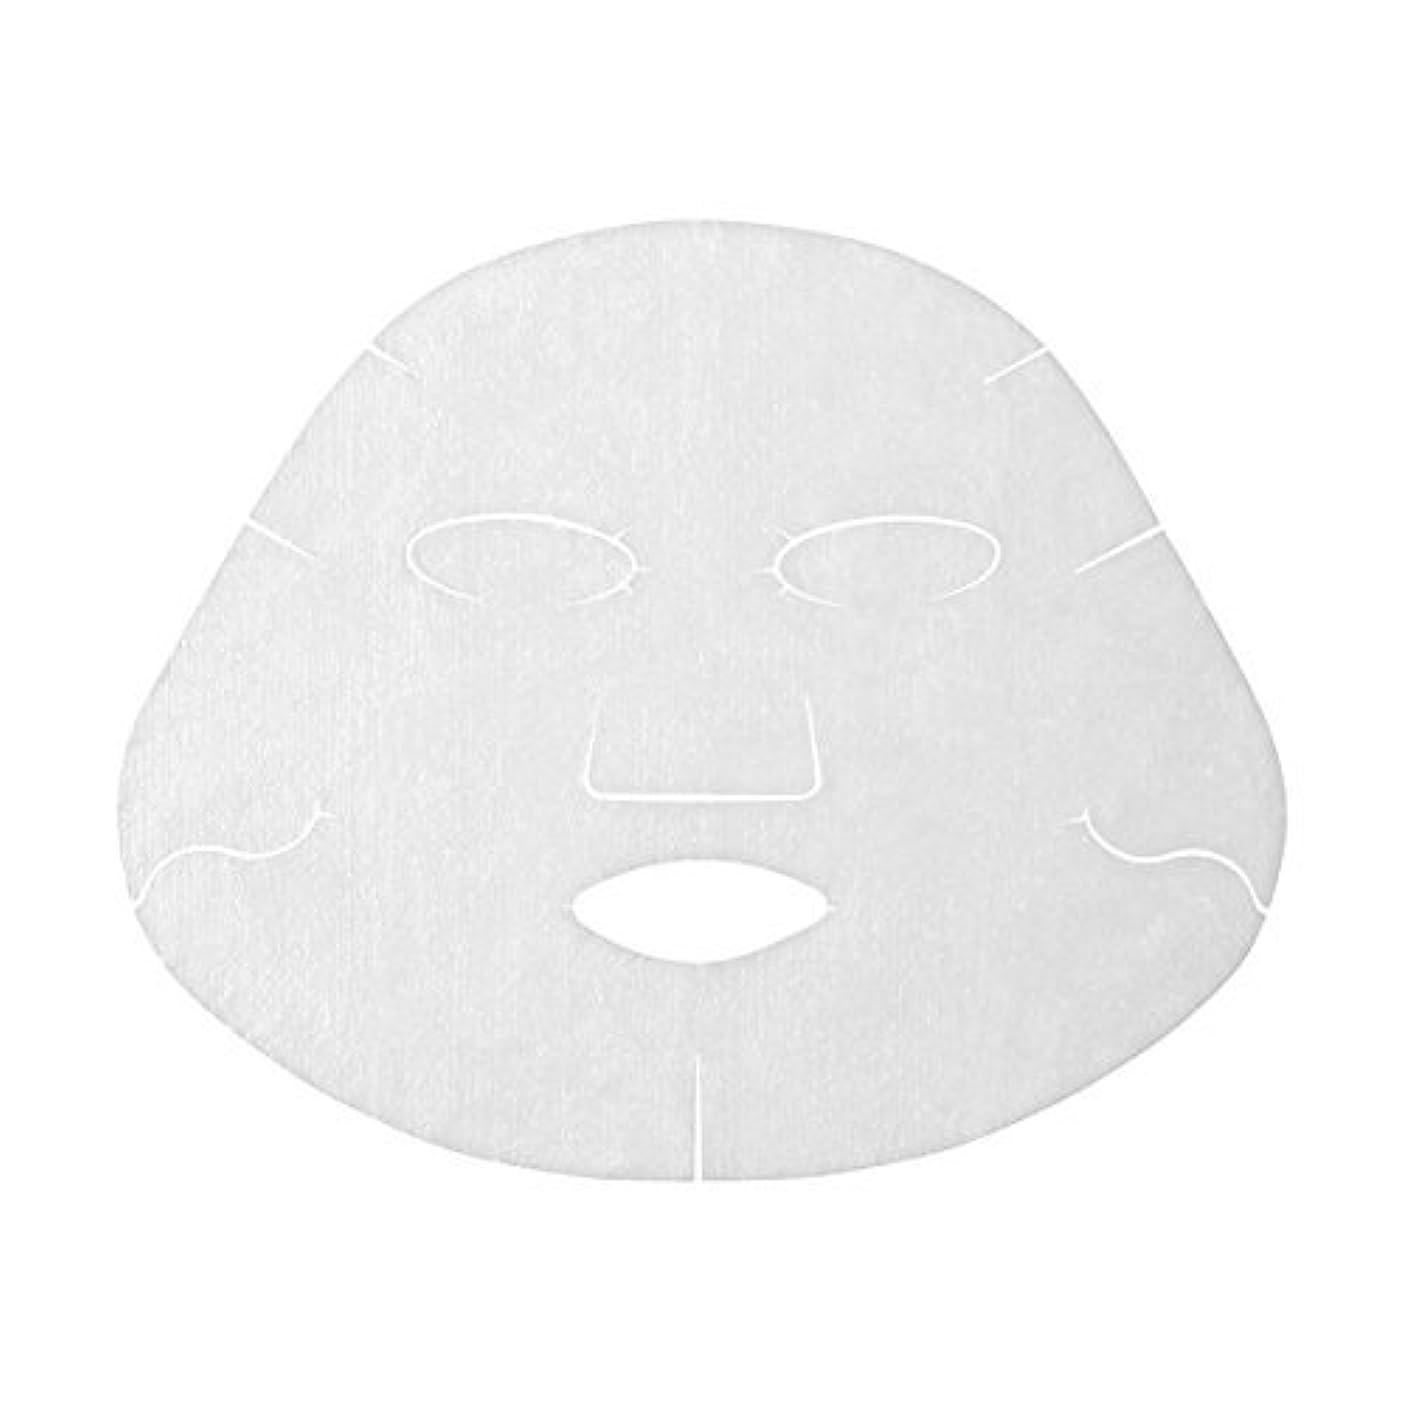 浅い子音酔ったアクアレーベル リセットホワイトマスク <1枚入り> 18mL×1枚×3個